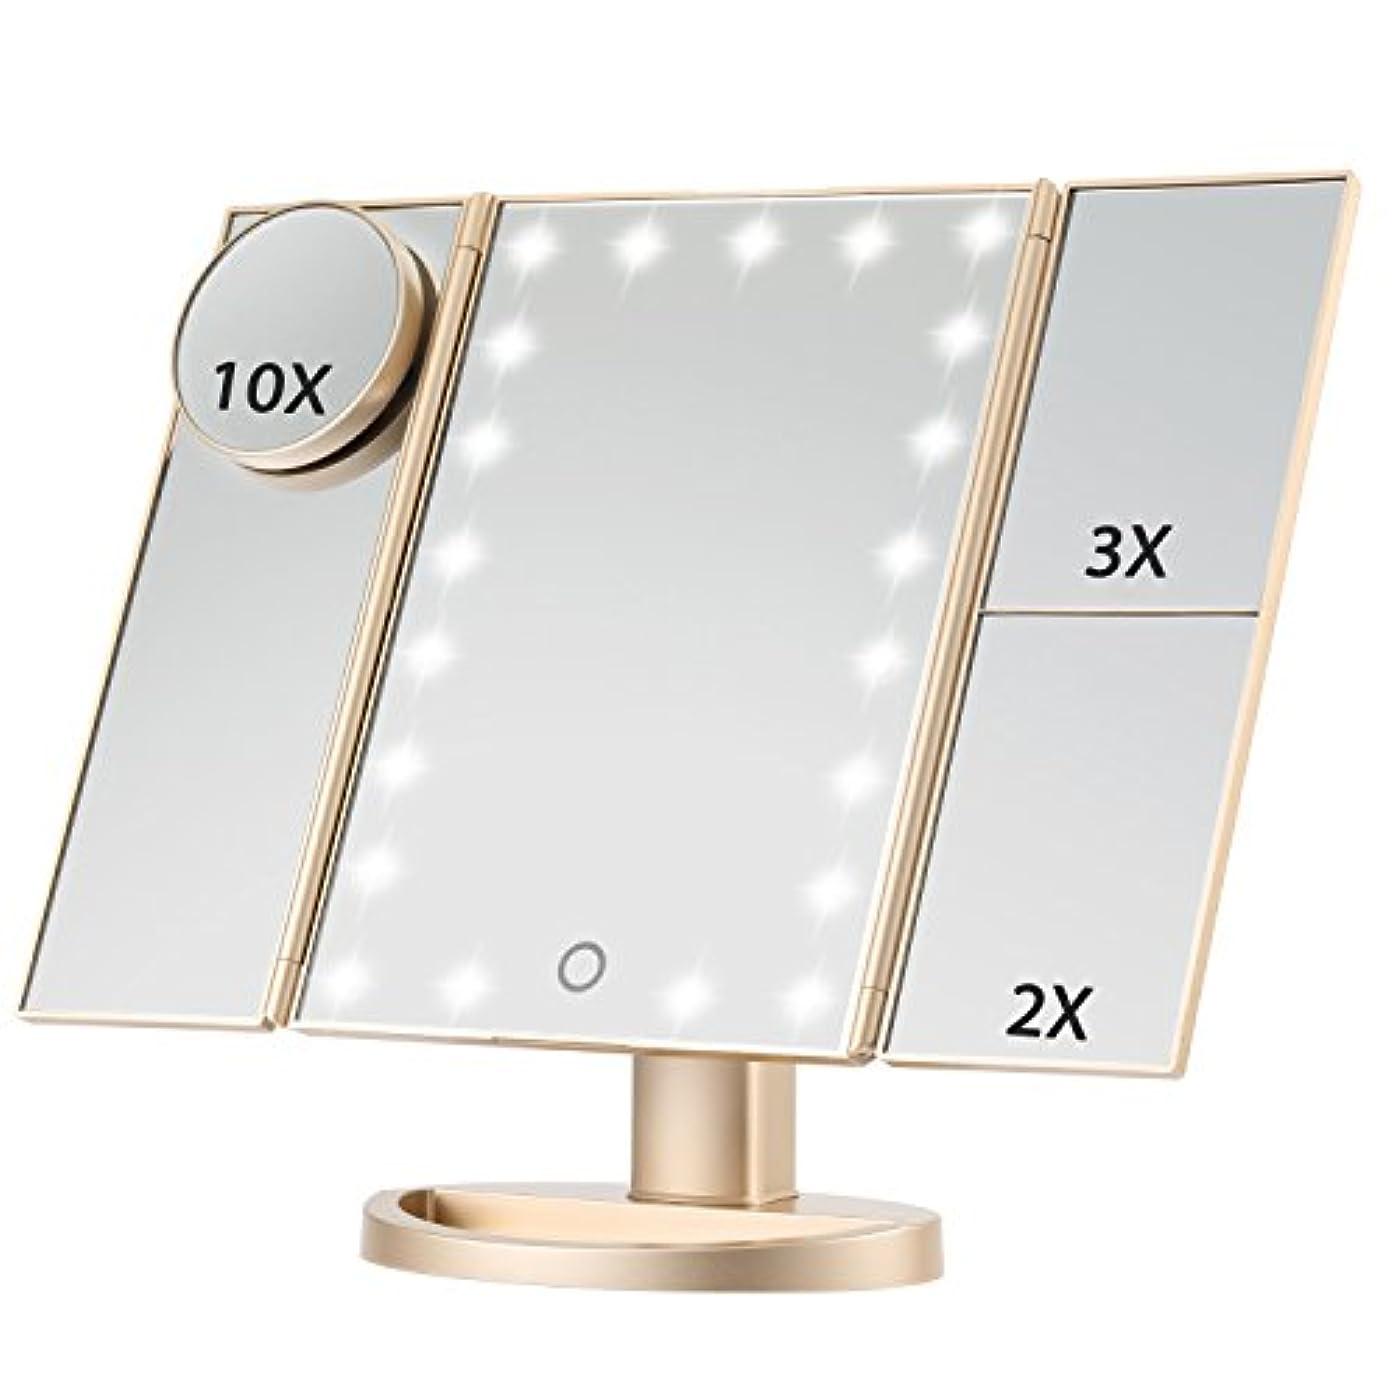 健康的引き金のためにMagicfly 化粧鏡 LED三面鏡 ミラー 折り畳み式 10X /3X/2X拡大鏡付き 明るさ調節可能180°回転 電池/USB 2WAY給電 (ゴルード)